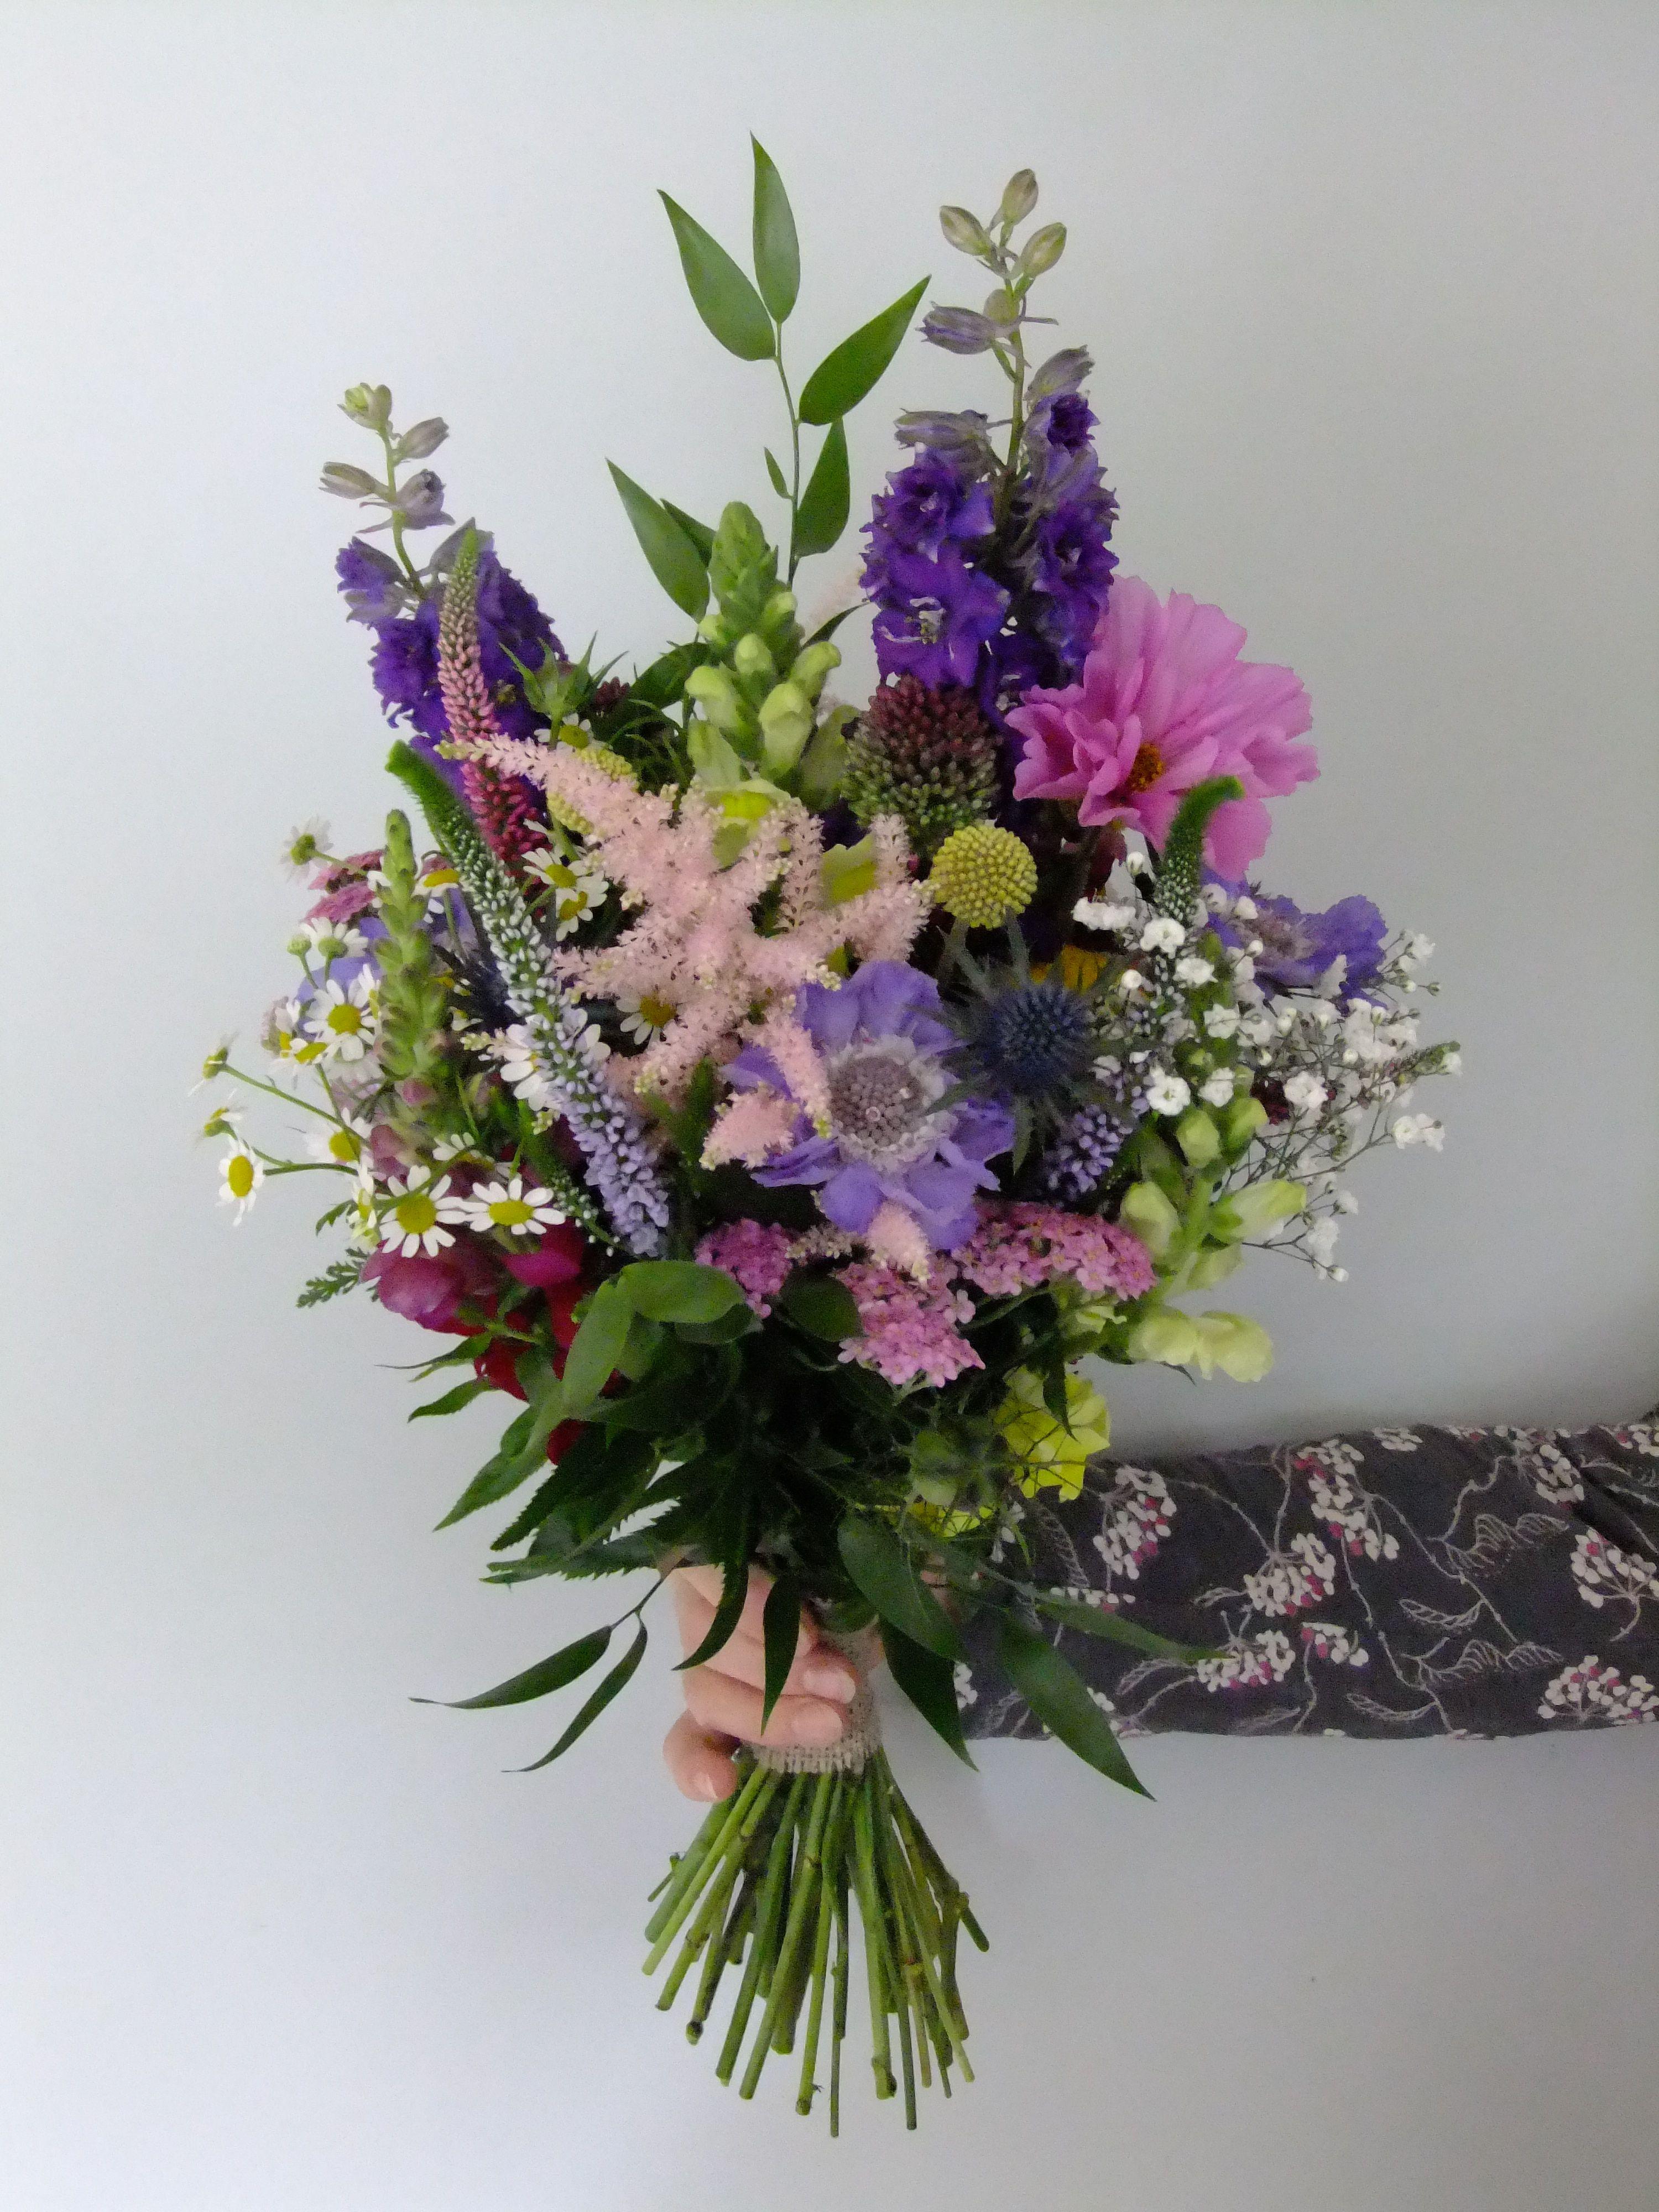 9d3f86eb1391e787d01c4c13554feb4a Jpg 3000 4000 Flower Centerpieces Wedding Purple Wedding Flowers Lavender Wedding Flowers